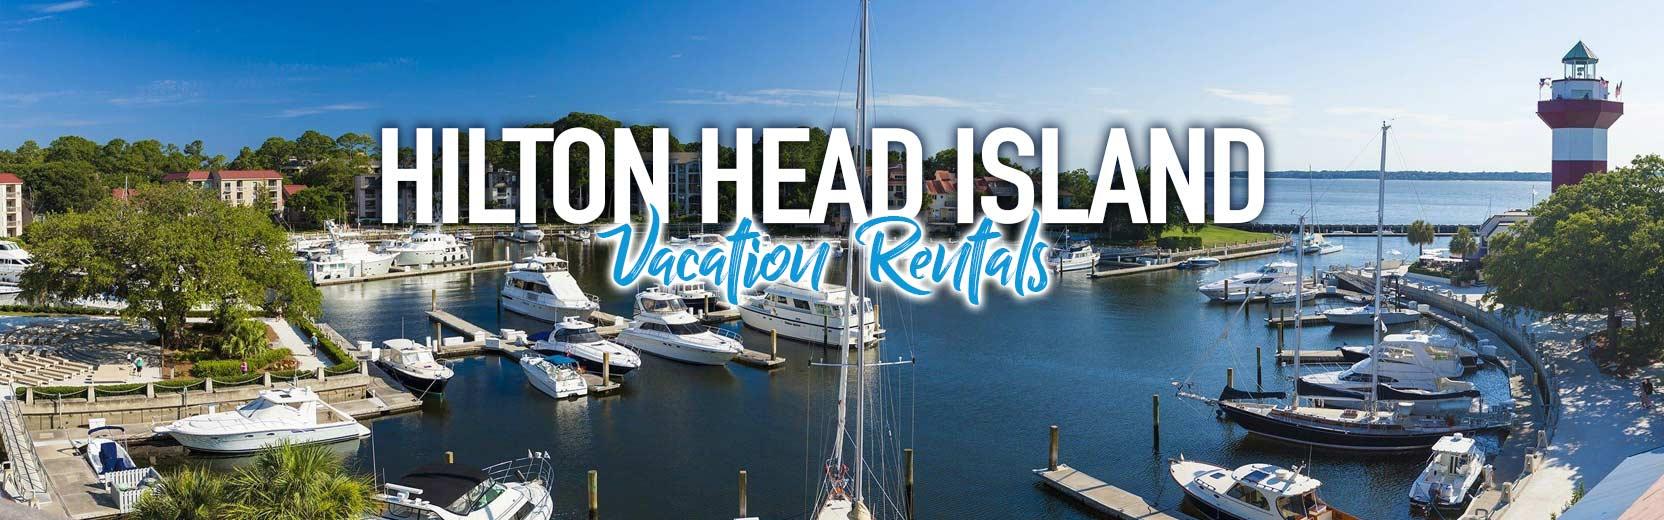 Hilton Head Island Vacation Rentals And Condos Condo World